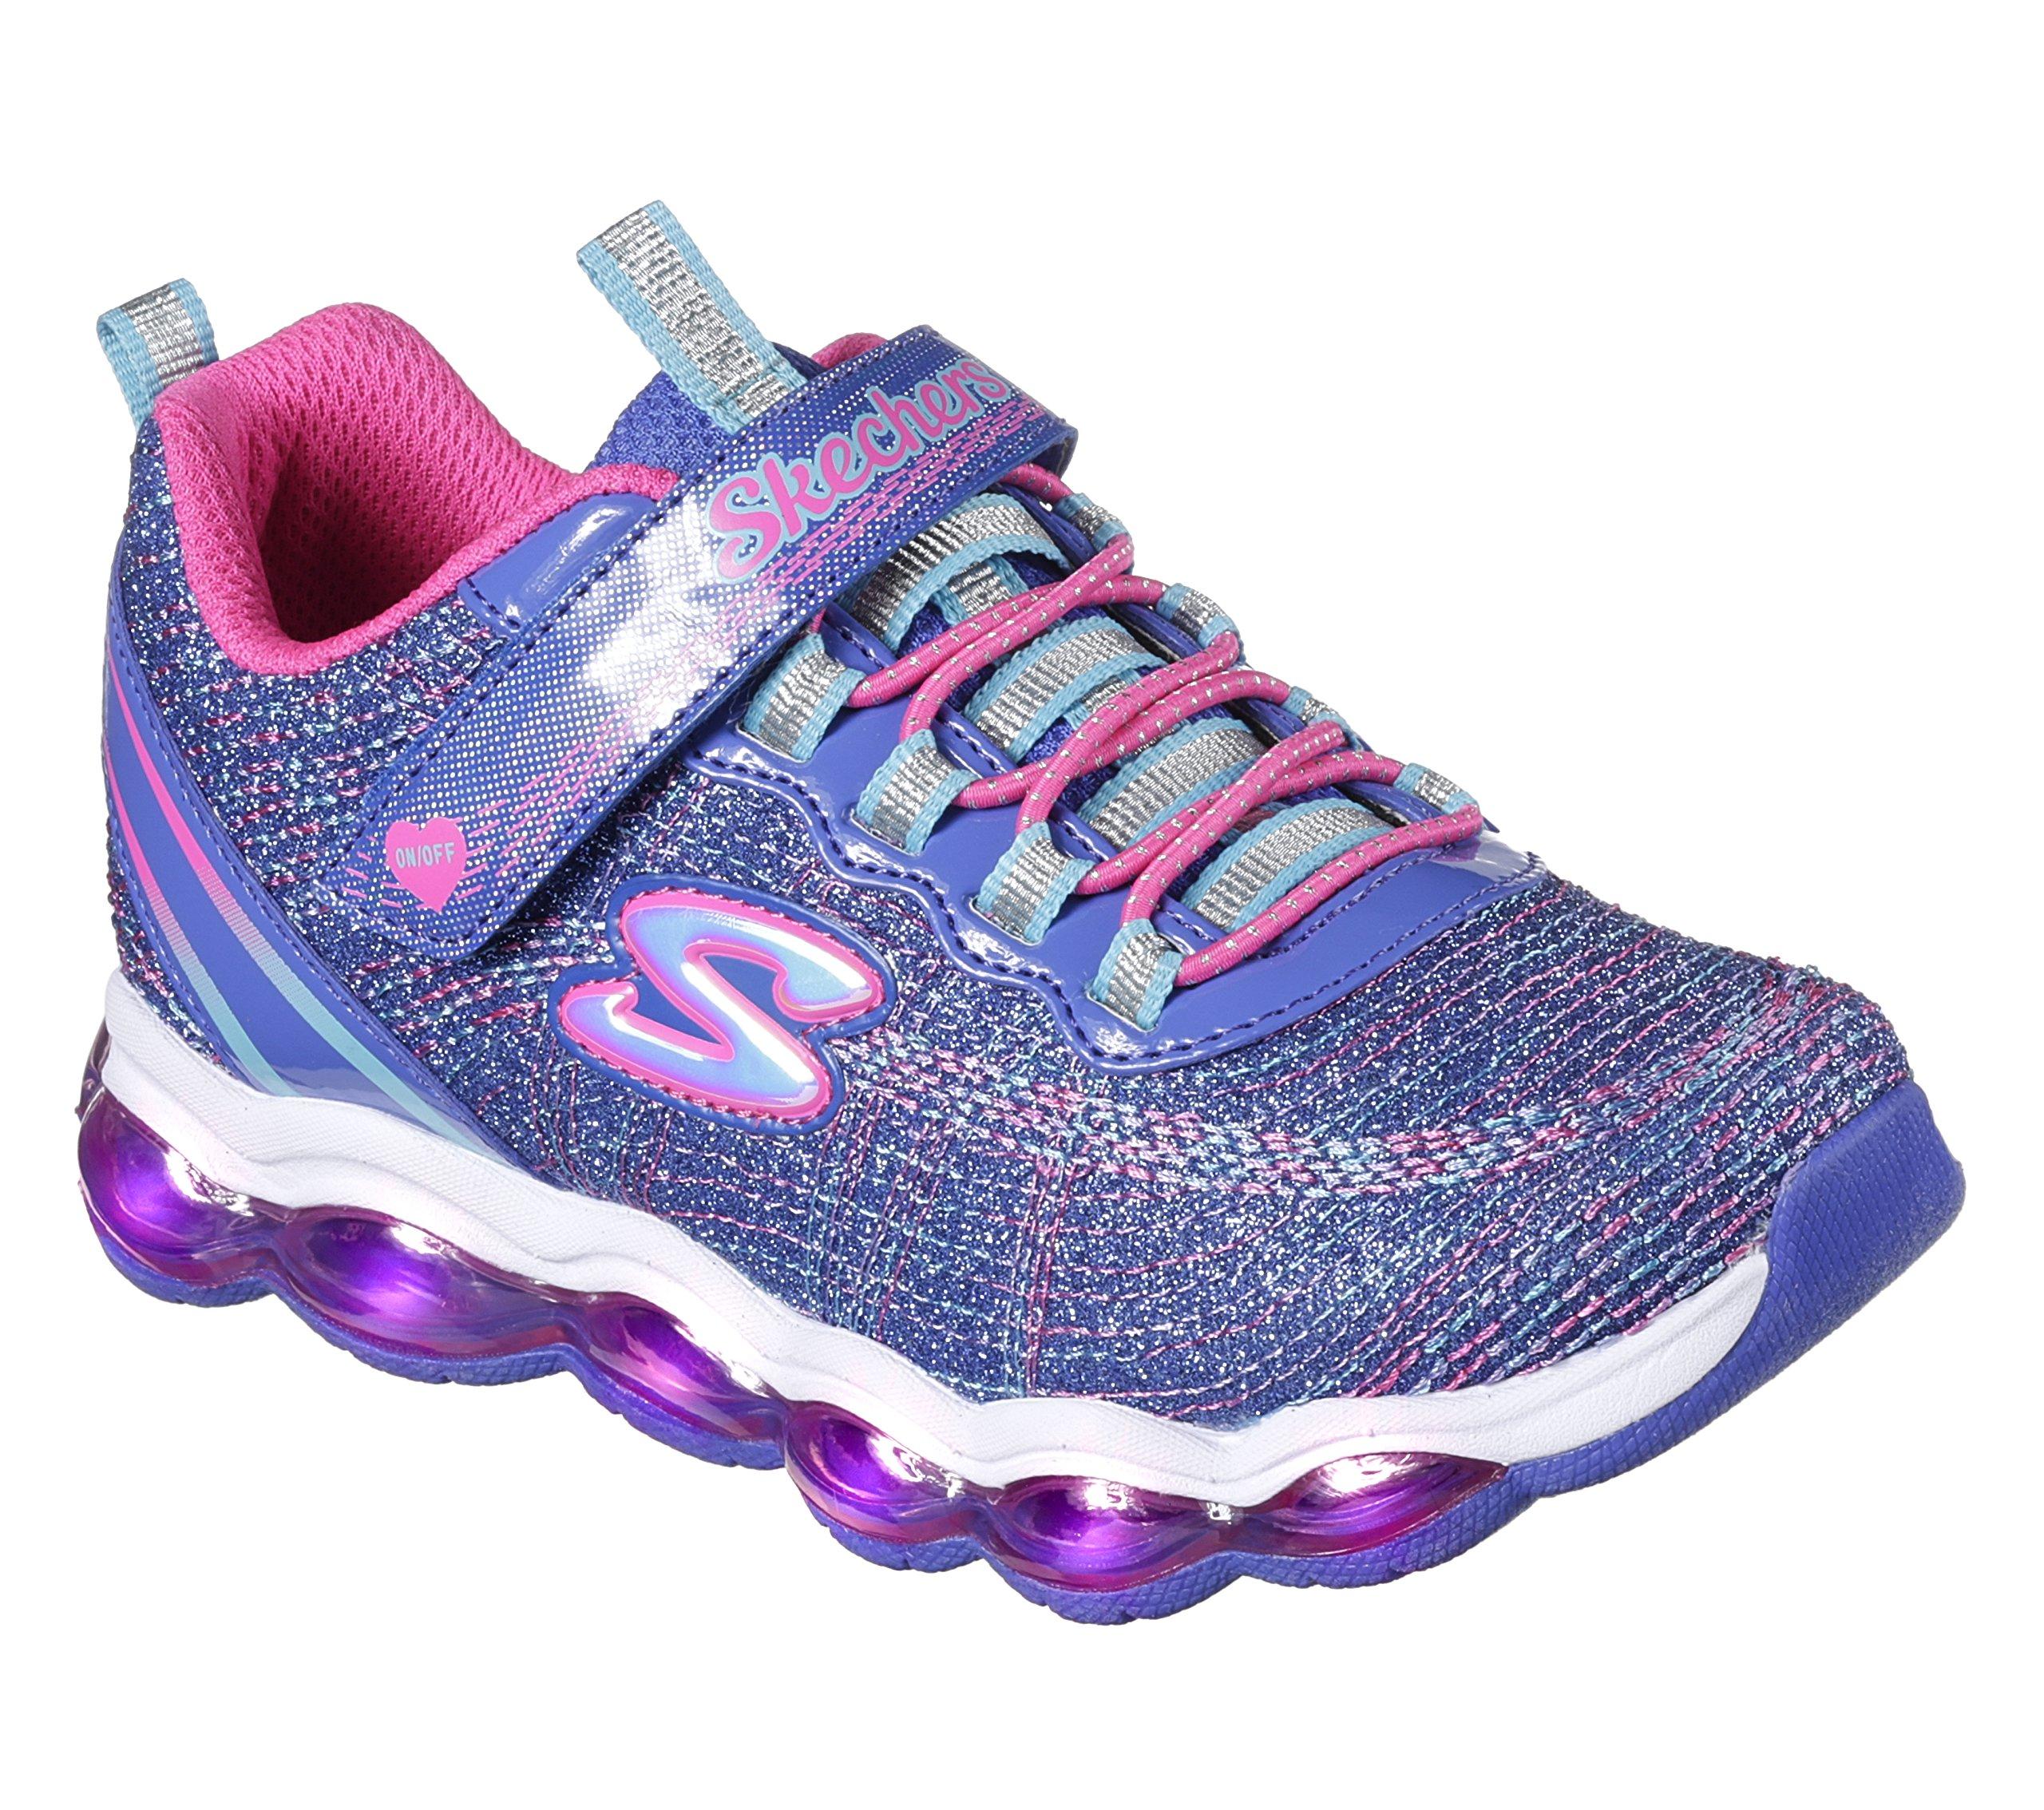 Skechers Kids Girls' Glimmer Lights Sneaker, Blue/Neon Pink, 1 M US Little Kid